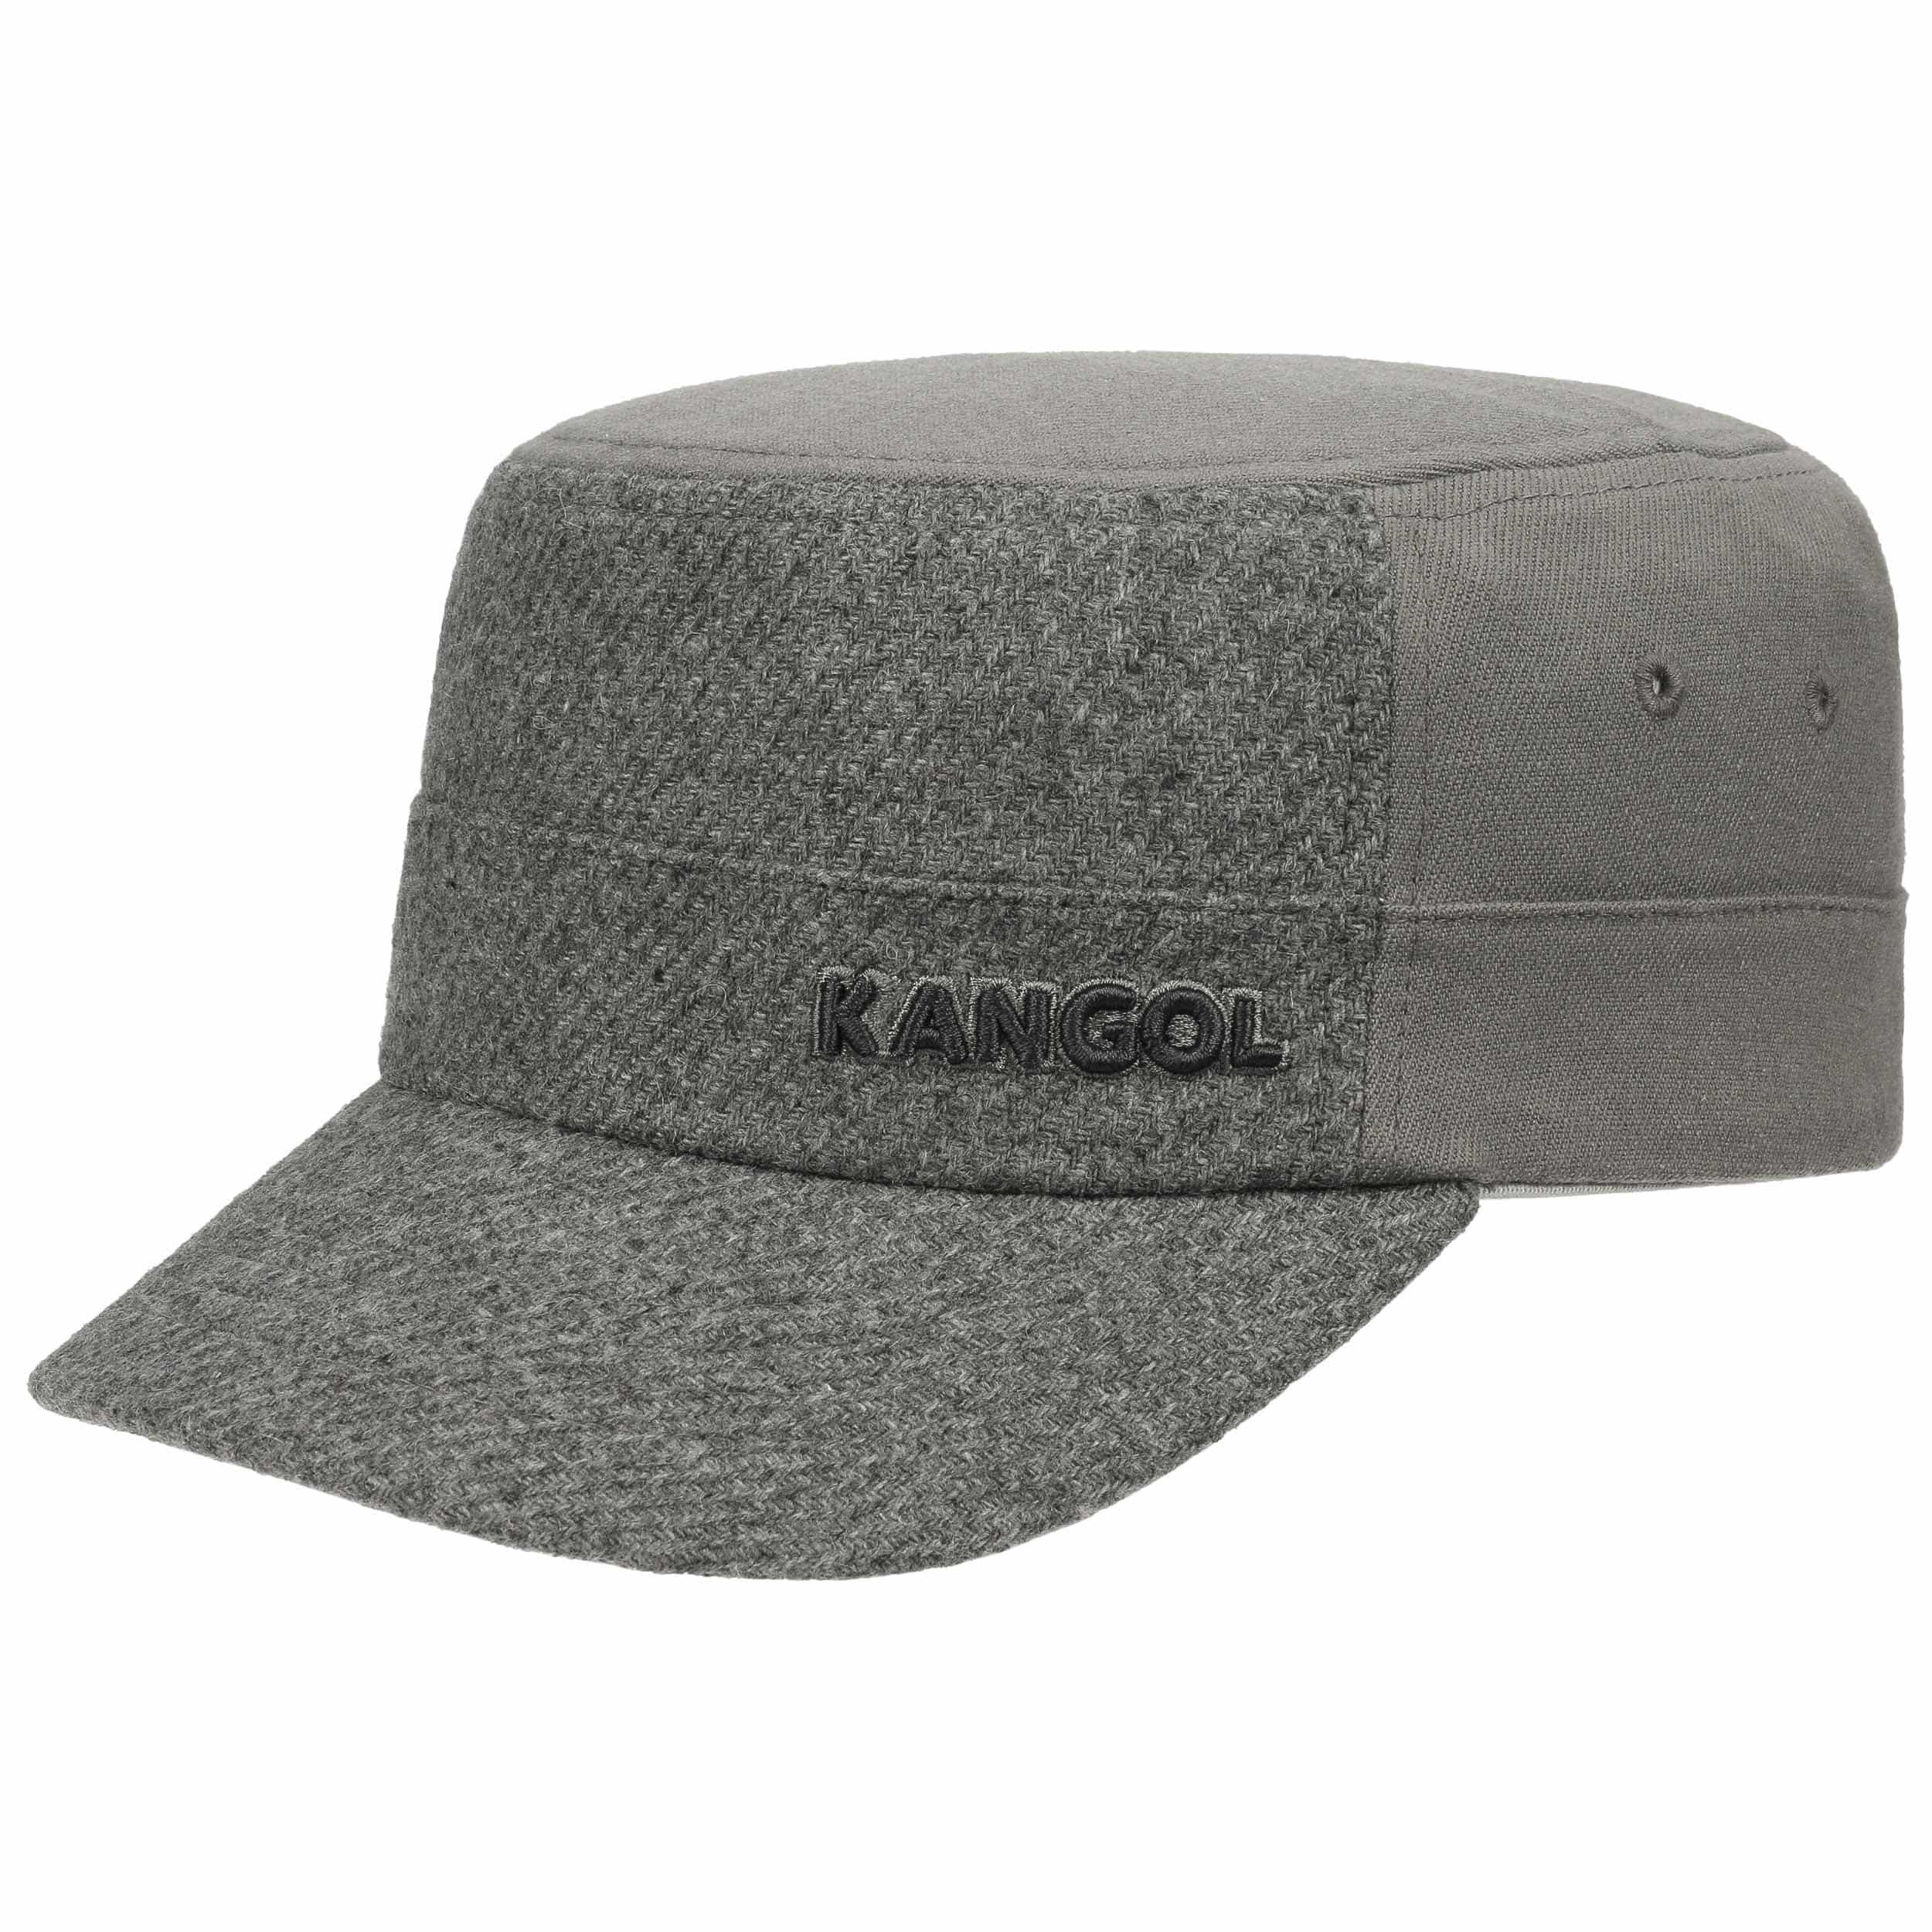 edfd8ac48b5 ... Textured Flexfit Army Cap by Kangol - grey 4 ...